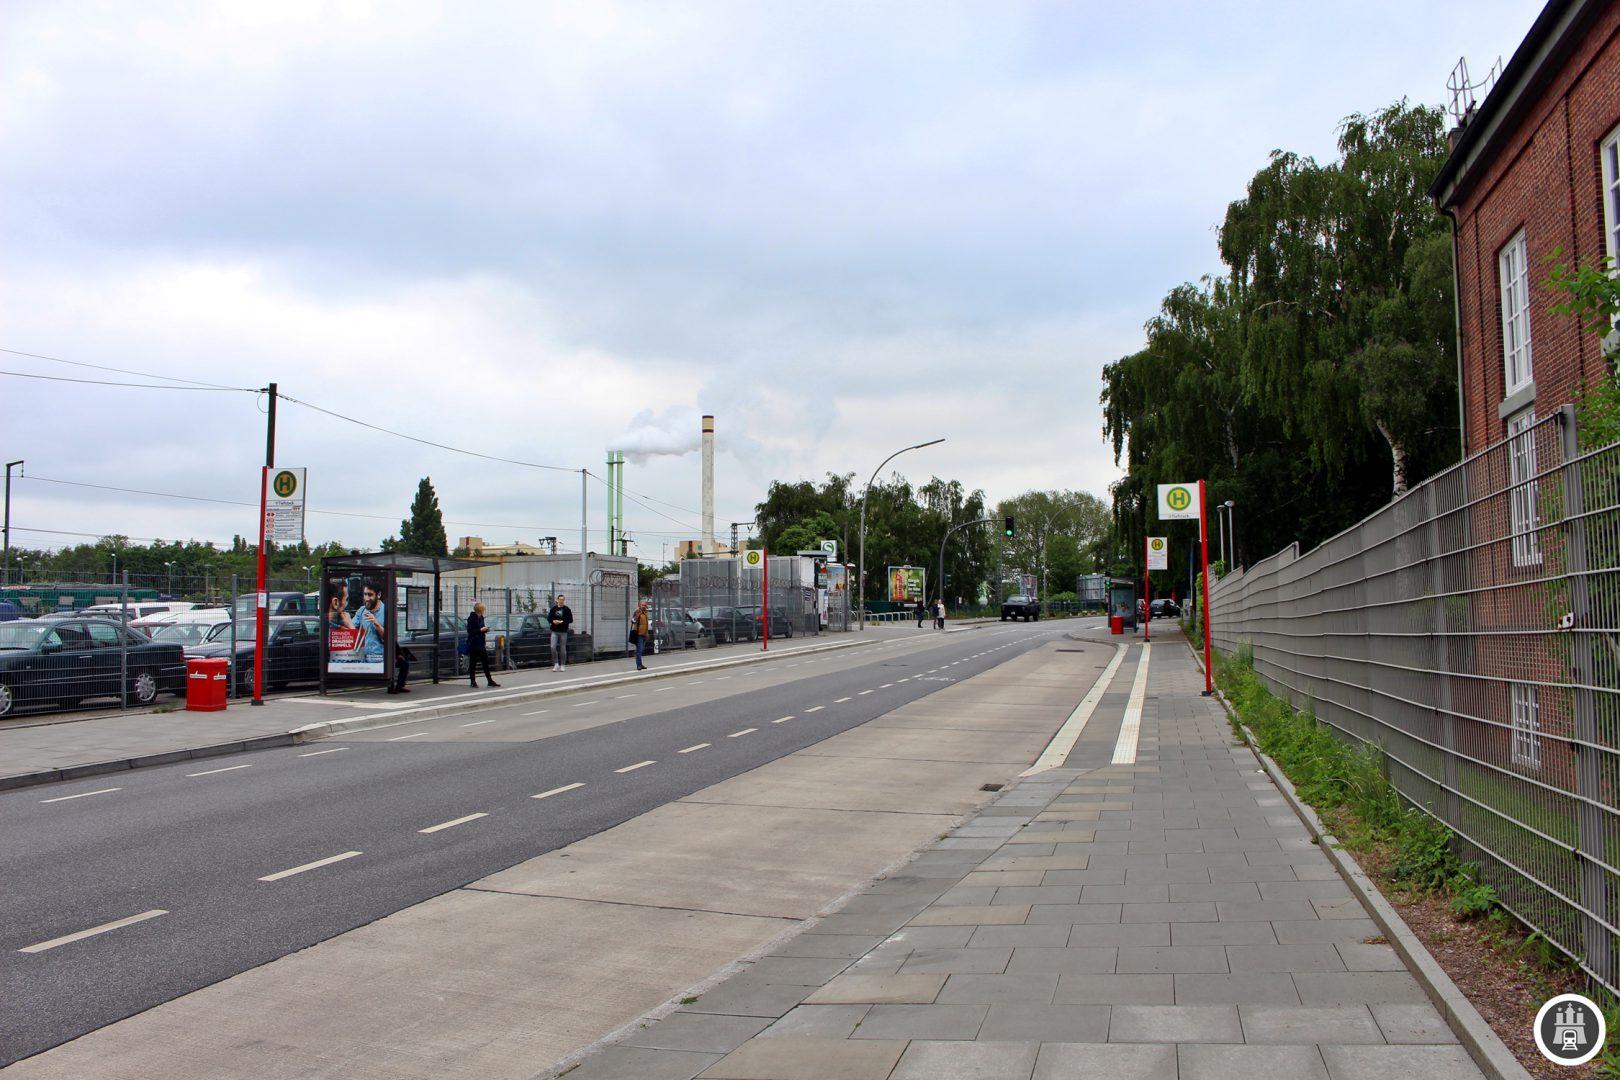 """Tiefstack ist vorallem industriell geprägt. Unter anderem finden sich hier der """"Autoknast"""" der Hamburger Polizei und Diverse Kleingewerbebetriebe. Gegenüber des S-Bahnhofs hat die Nordbahn ihren Betriebshof für die FLIRT-Züge errichtet, die auf der Bahnstrecke in Richtung Elmshorn fahren."""